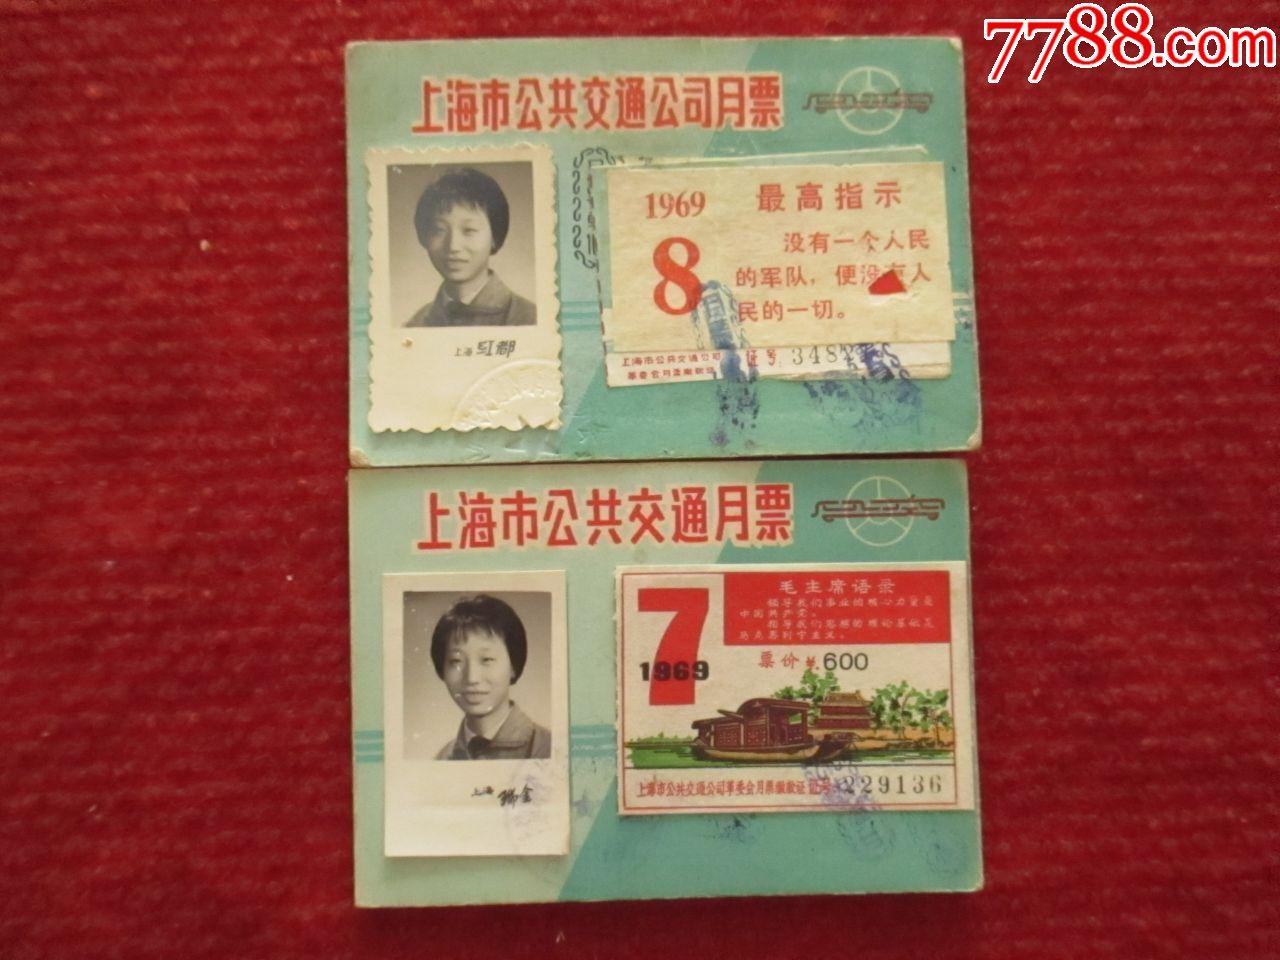 1969年上海市公共交通公司月票卡(7-8月)两枚带照片为同一人_第1张_